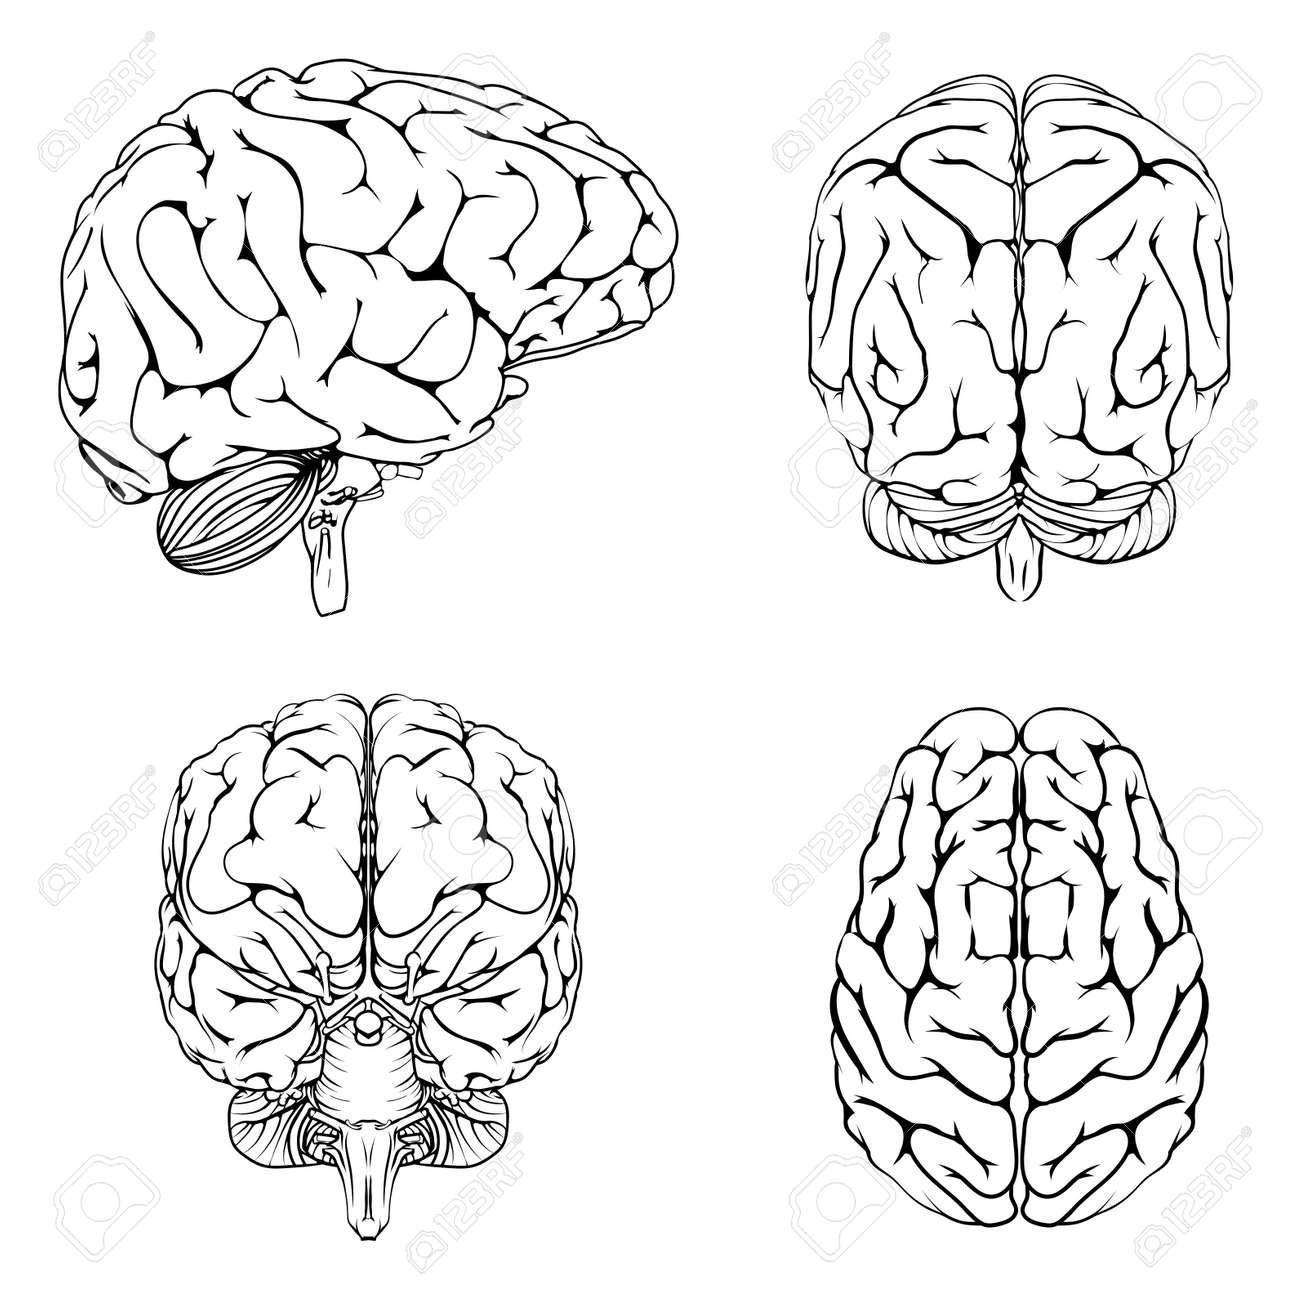 Nett Diagramm Eines Gehirns Fotos - Menschliche Anatomie Bilder ...